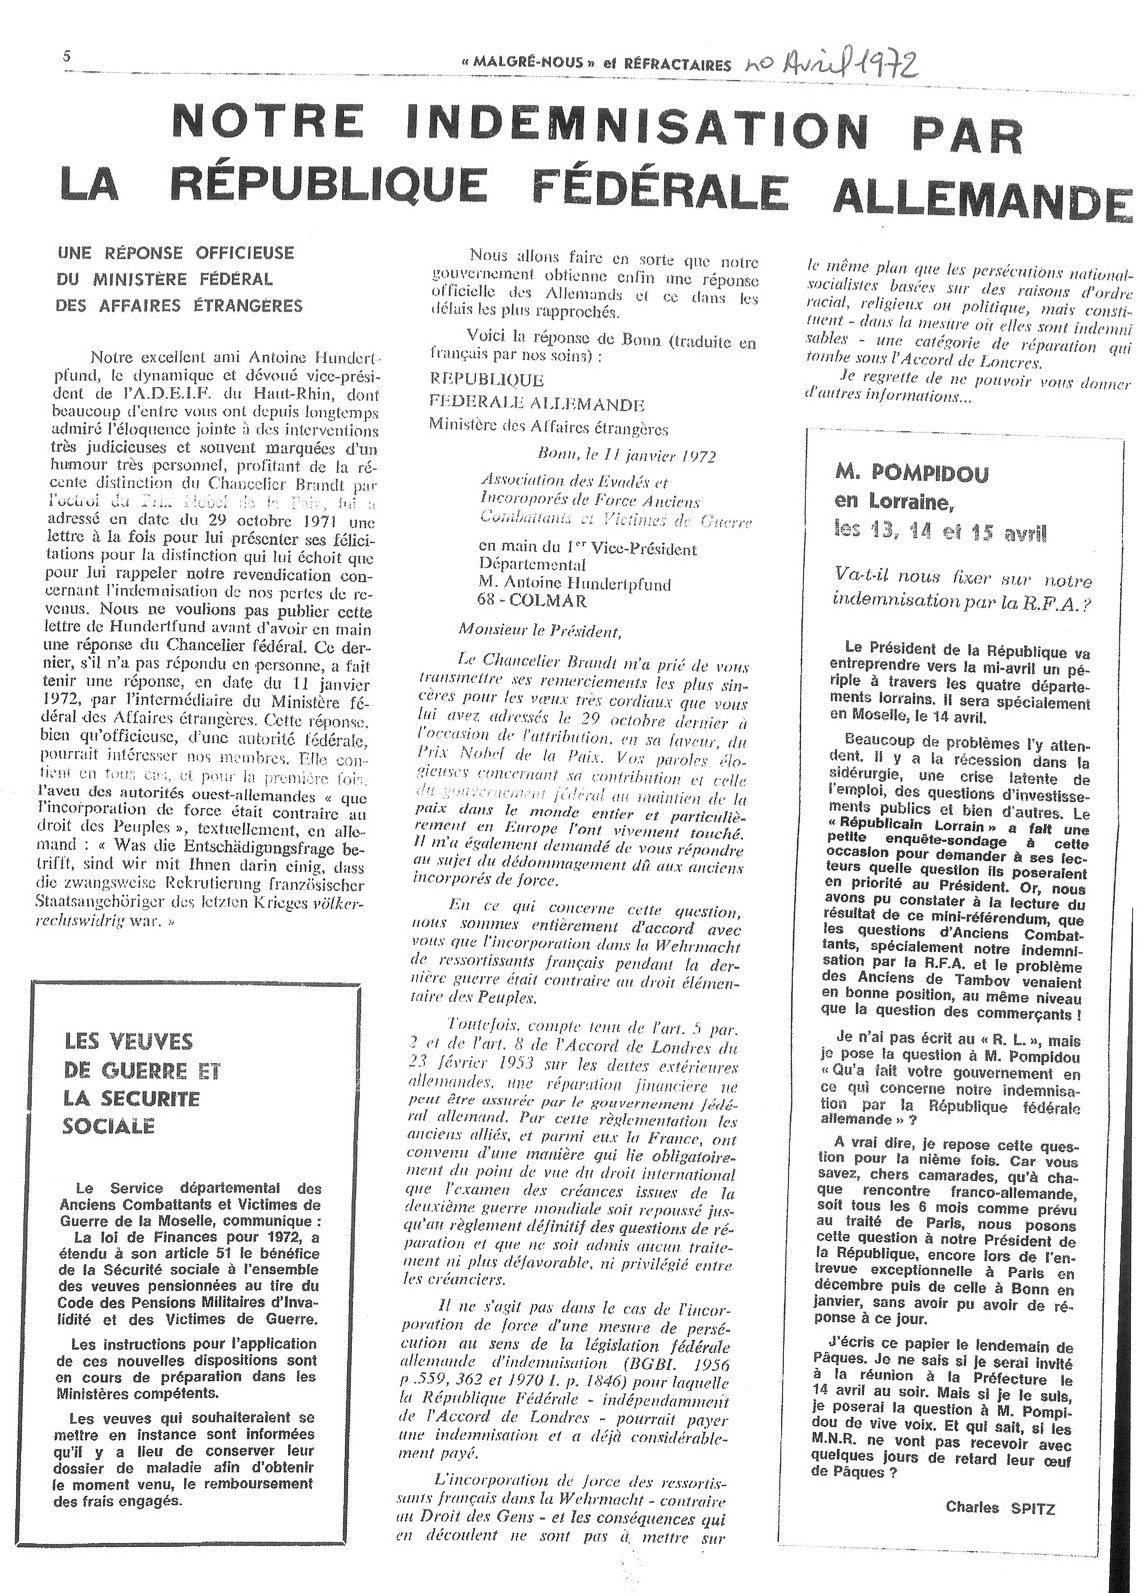 Malgre-Nous et Réfractaires, avril 1972